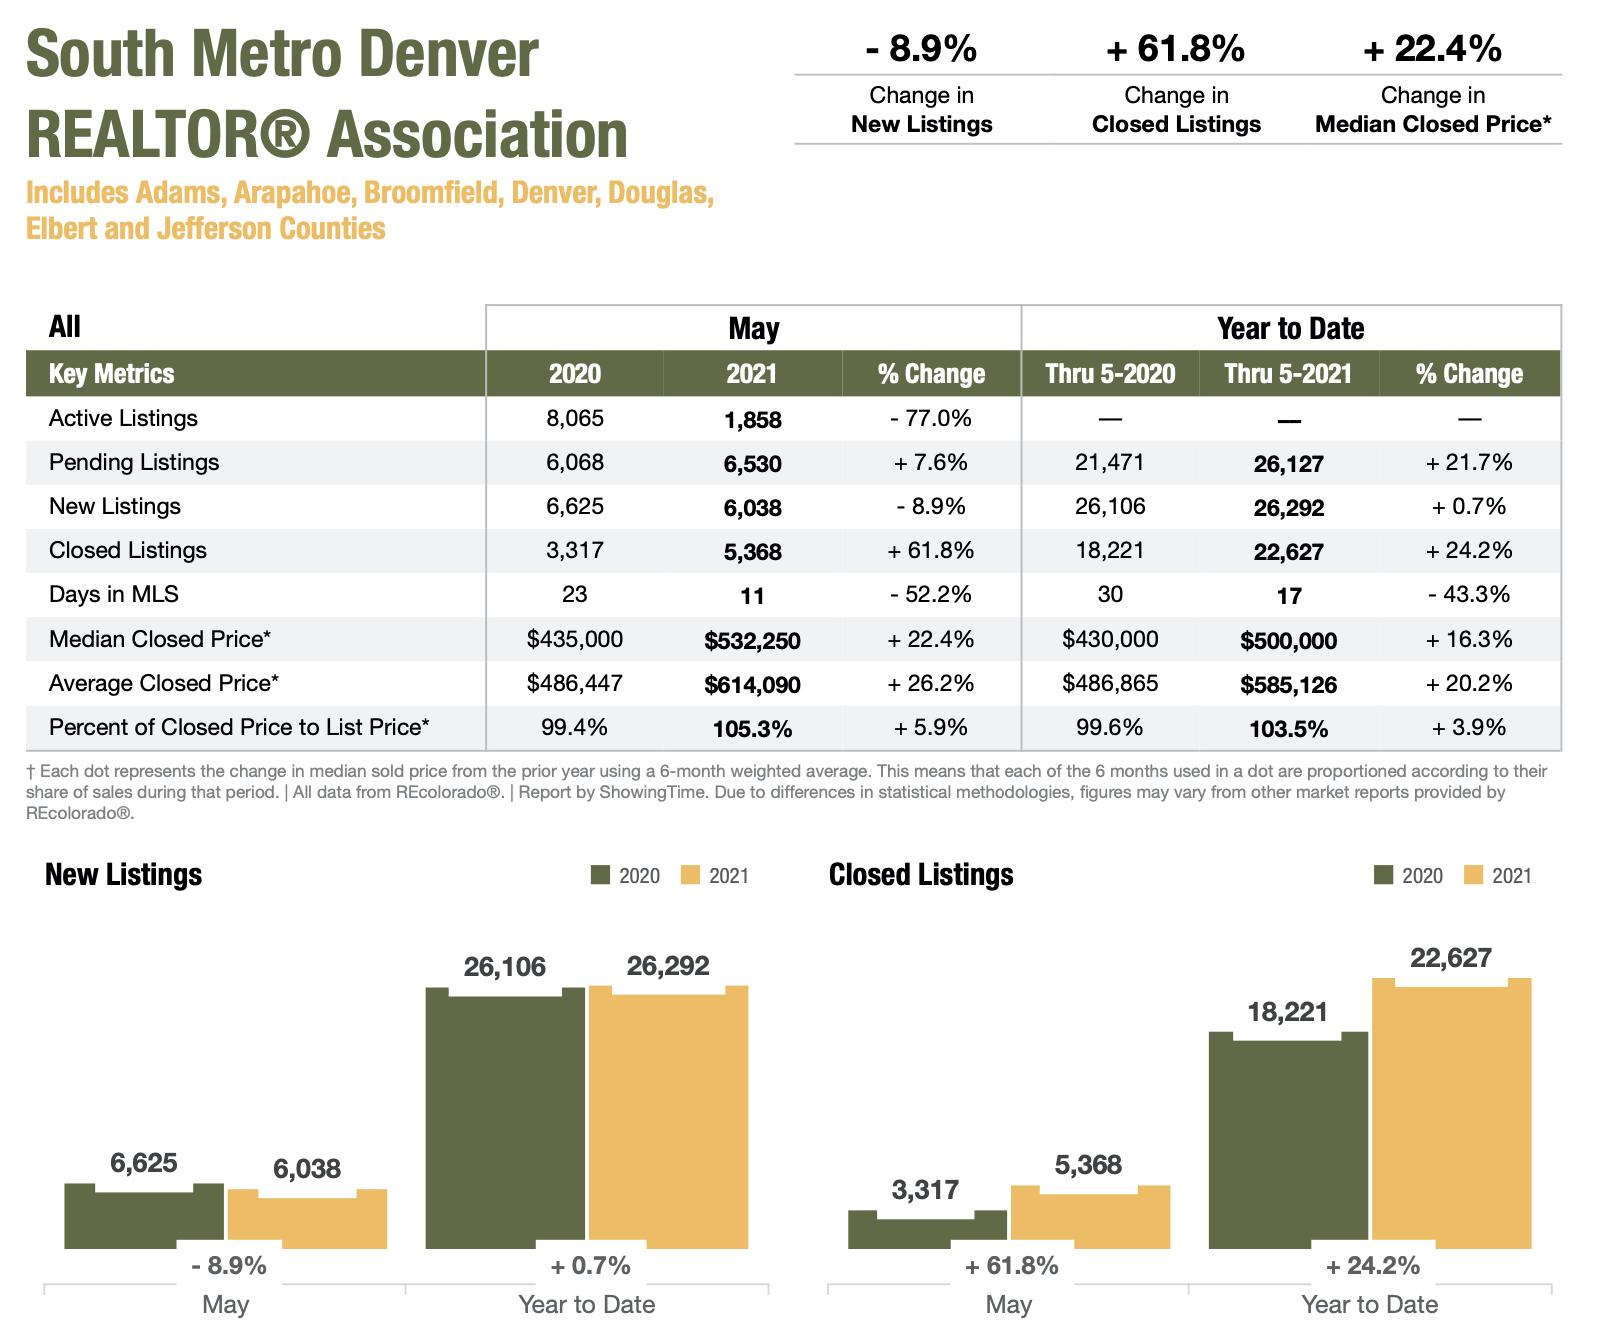 South Metro Denver Realtor Association May 2021 Market Stats